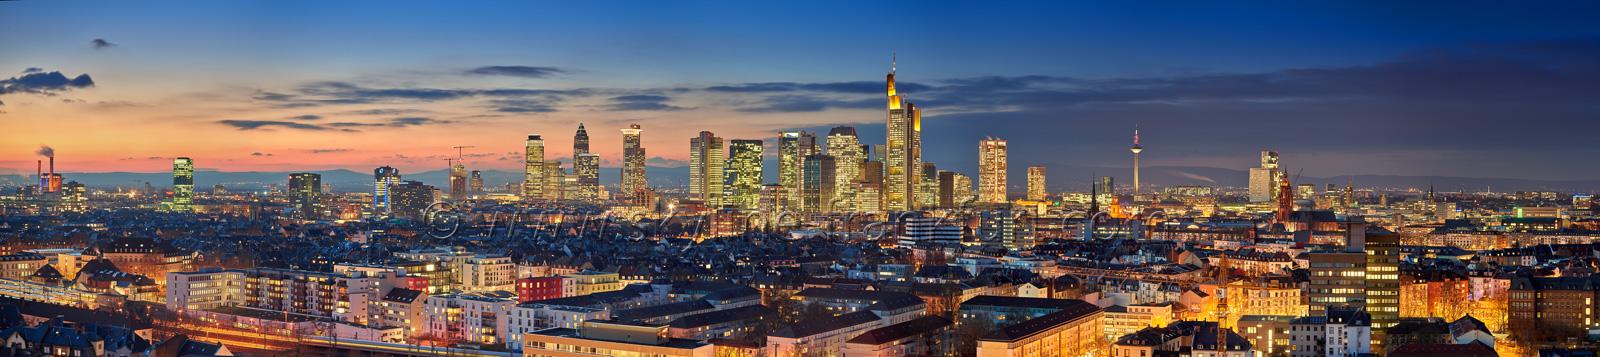 skyline-frankfurt-240